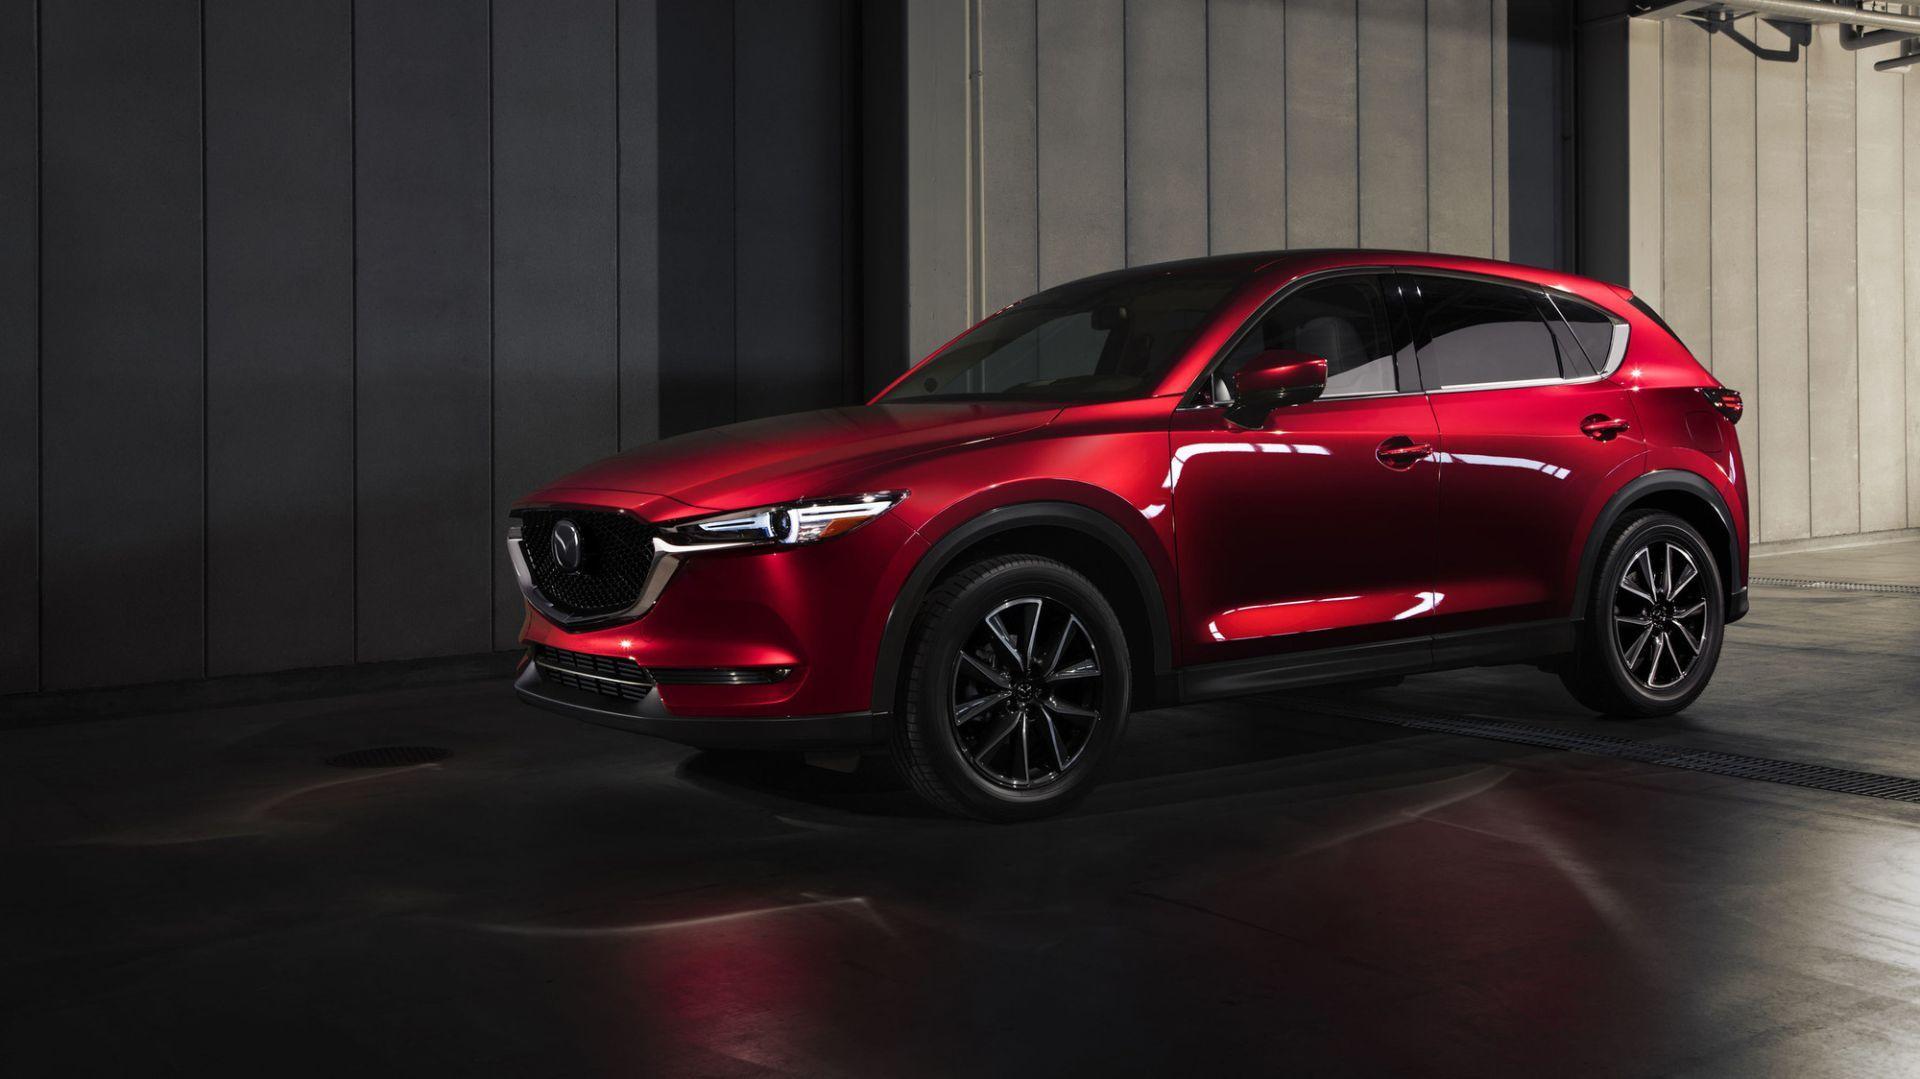 World premiere of the all-new 2017 Mazda CX-5